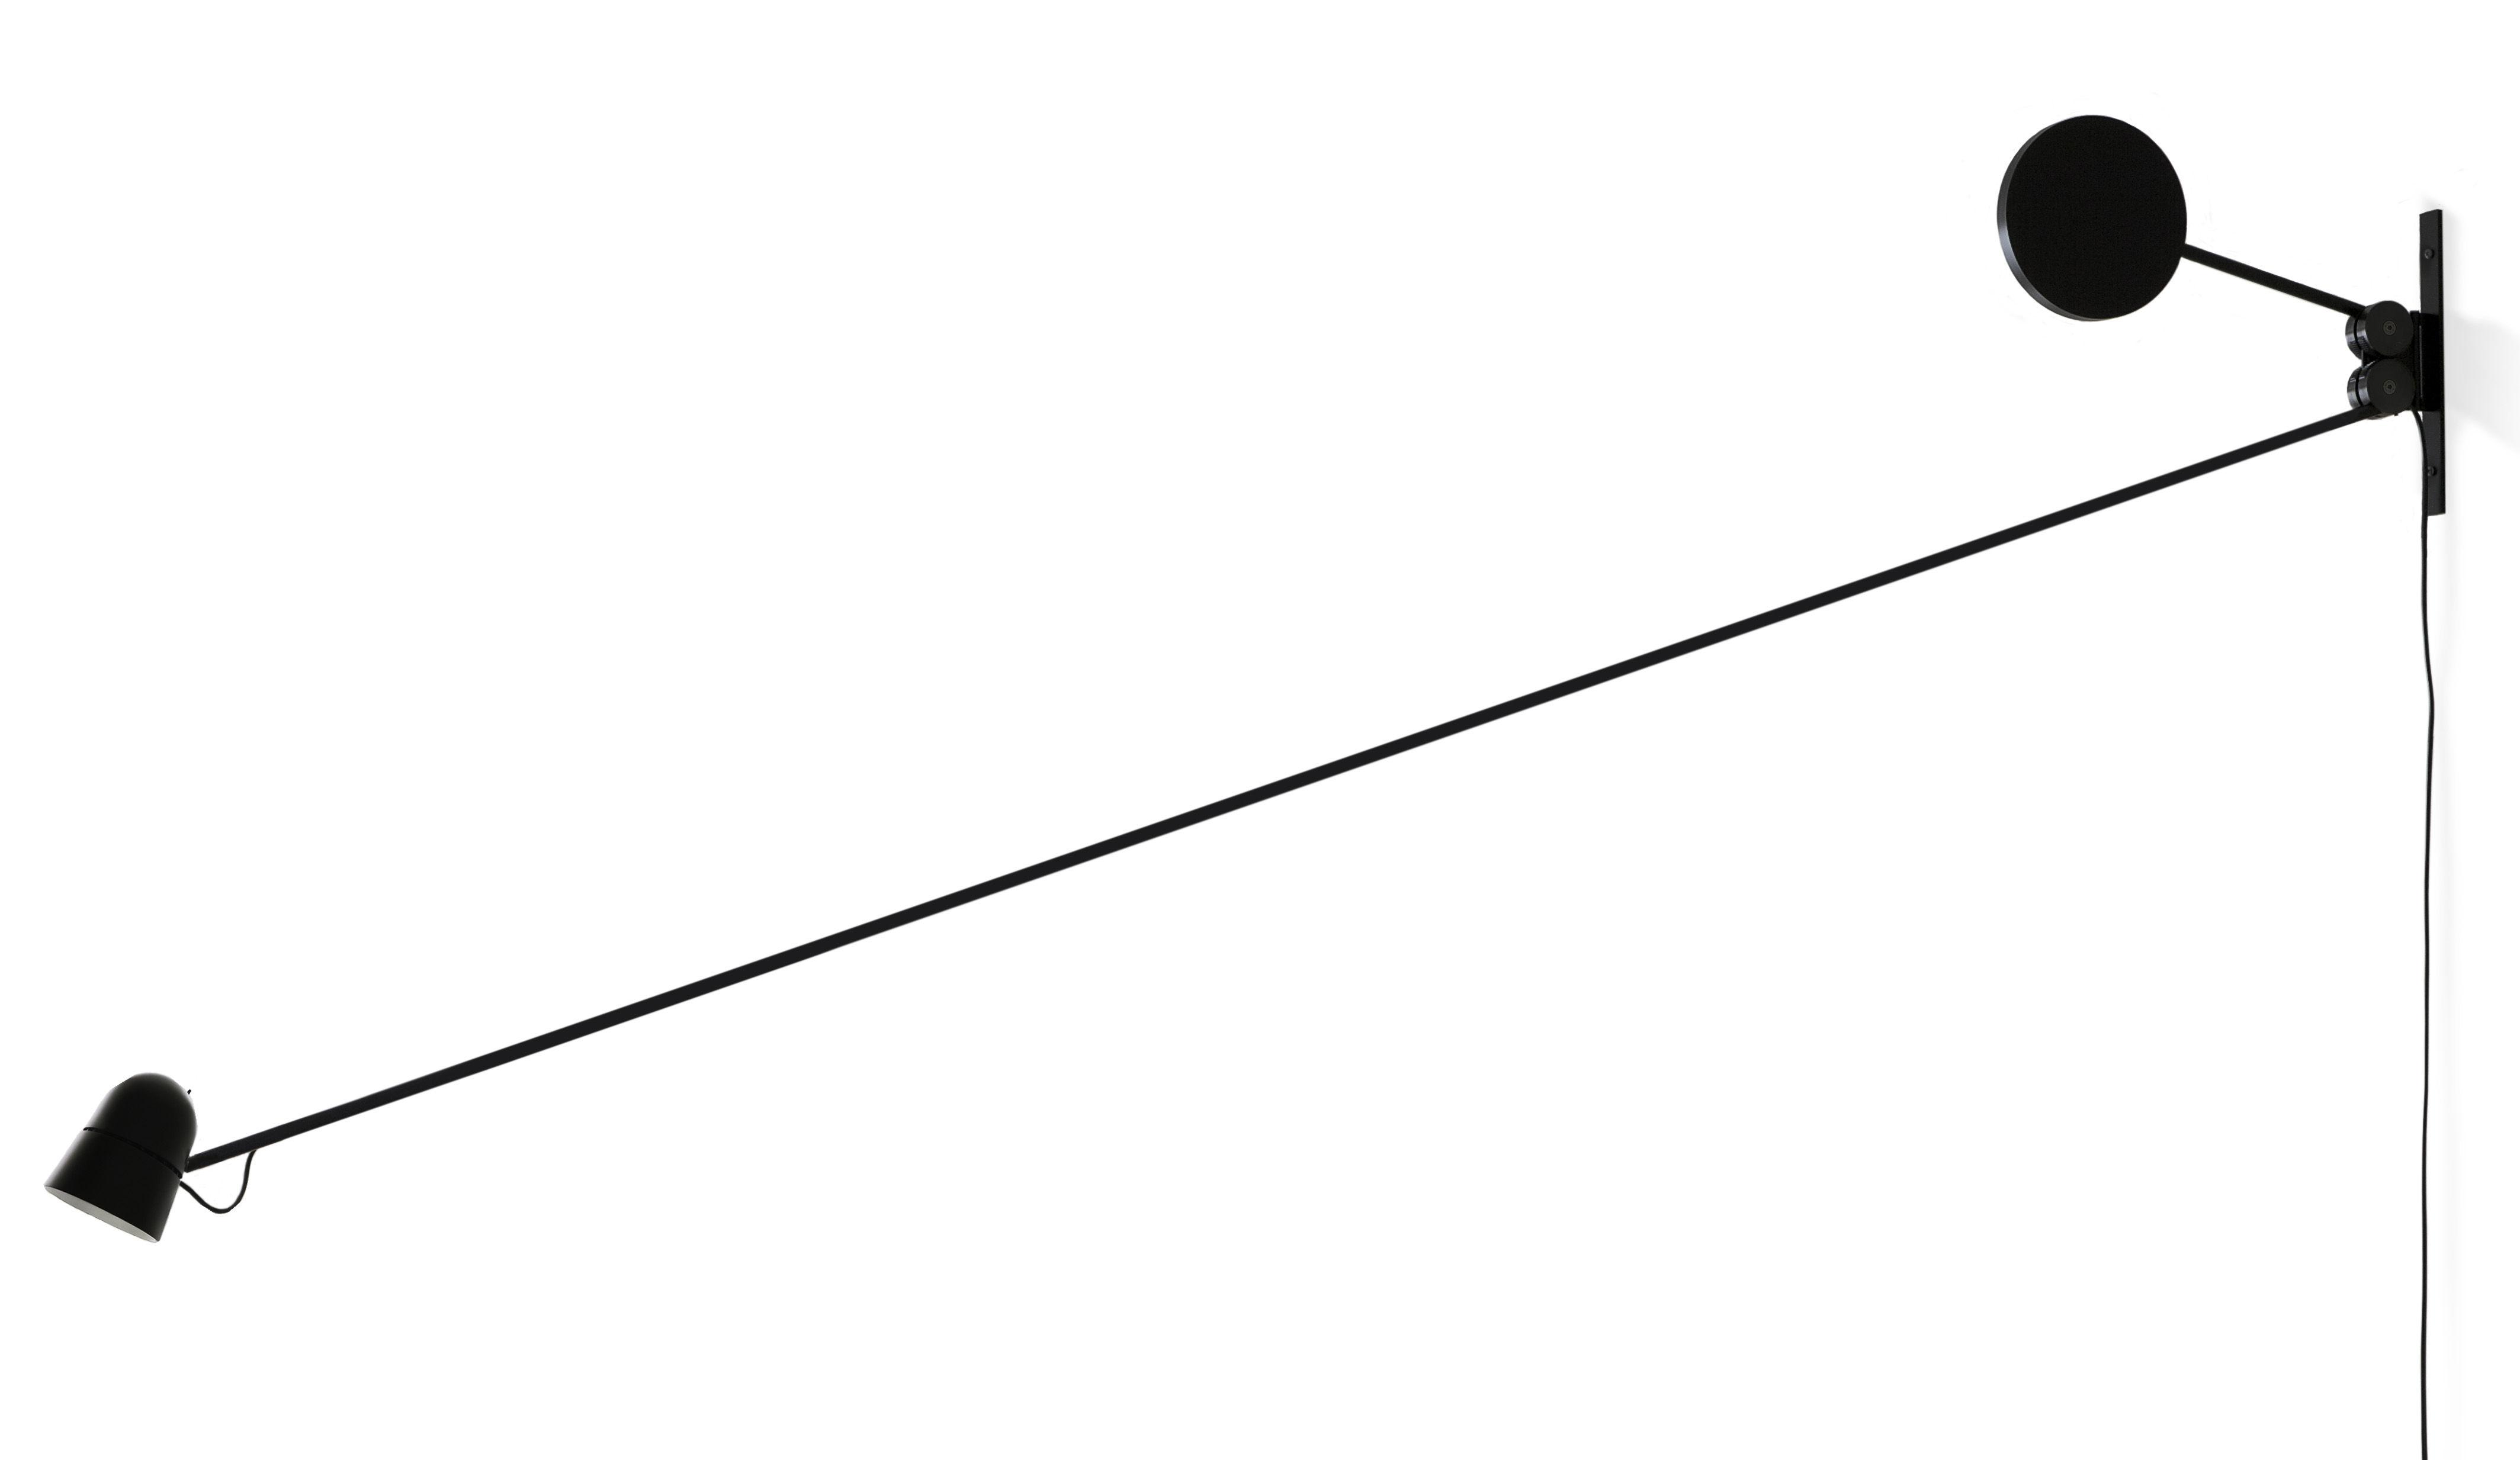 Leuchten - Wandleuchten - Counterbalance Wandleuchte mit Stromkabel LED / L 191 cm - Luceplan - Schwarz - Aluminium, Stahl